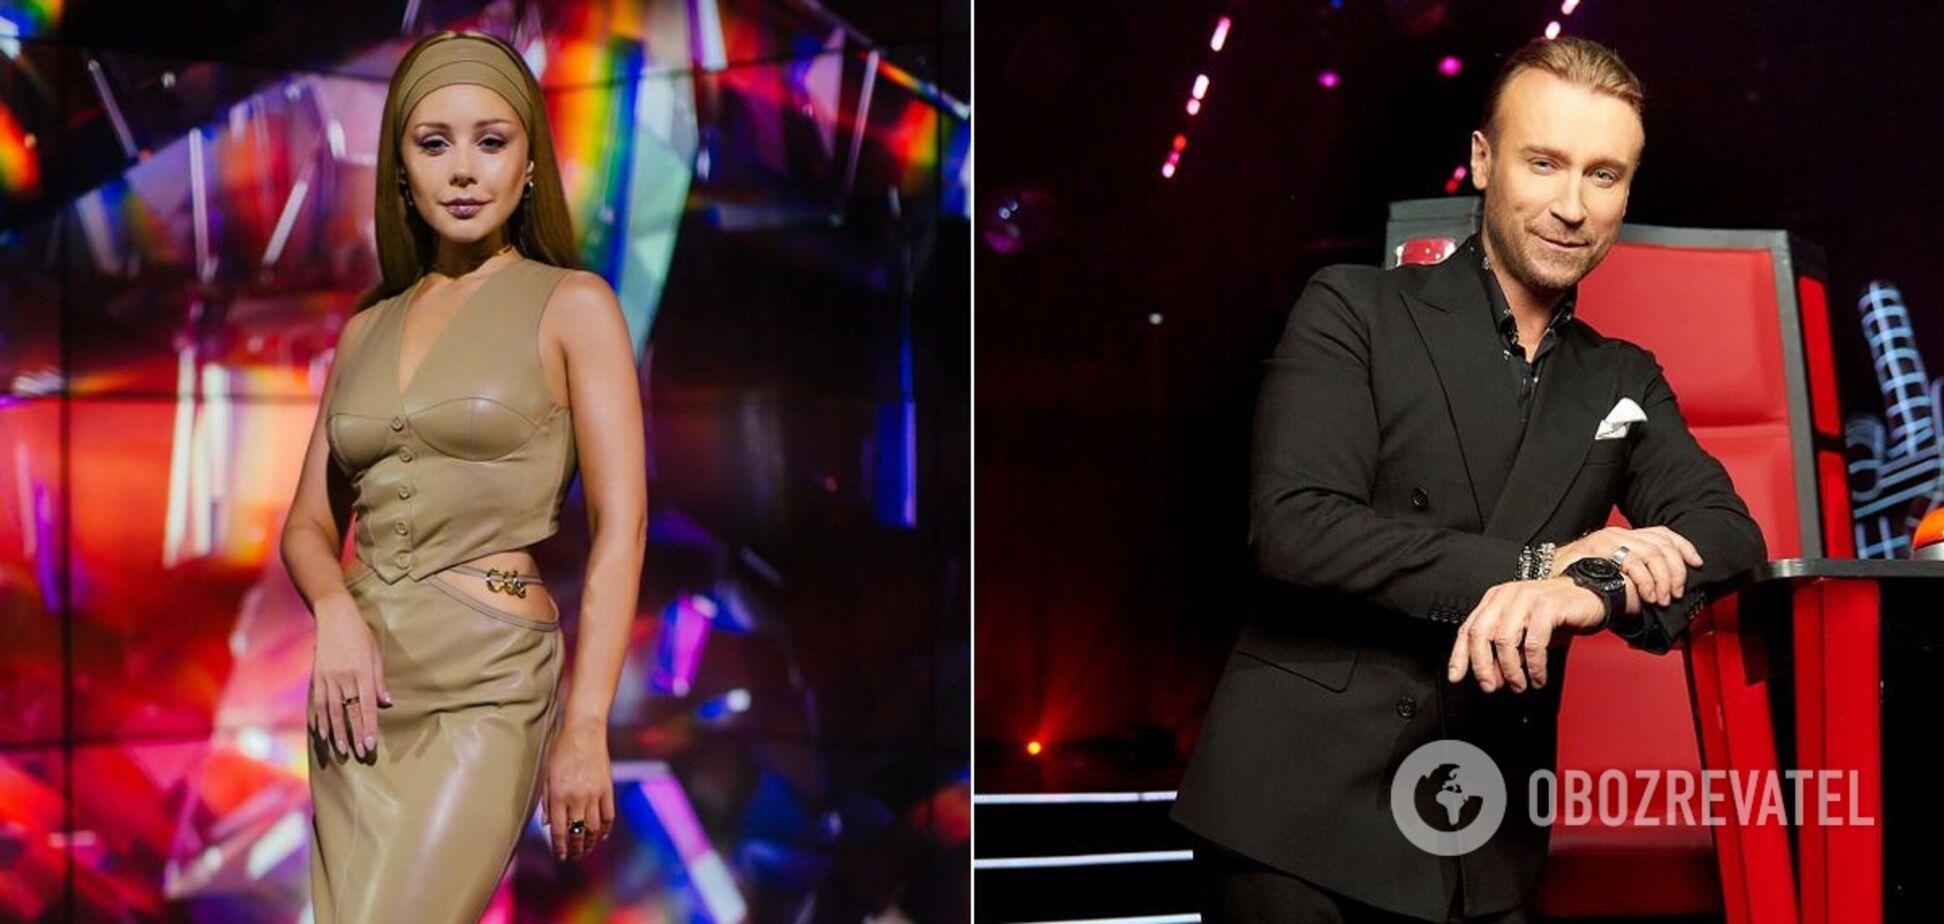 Стилисты раскрыли секреты образов тренеров на шоу 'Голос країни-11'